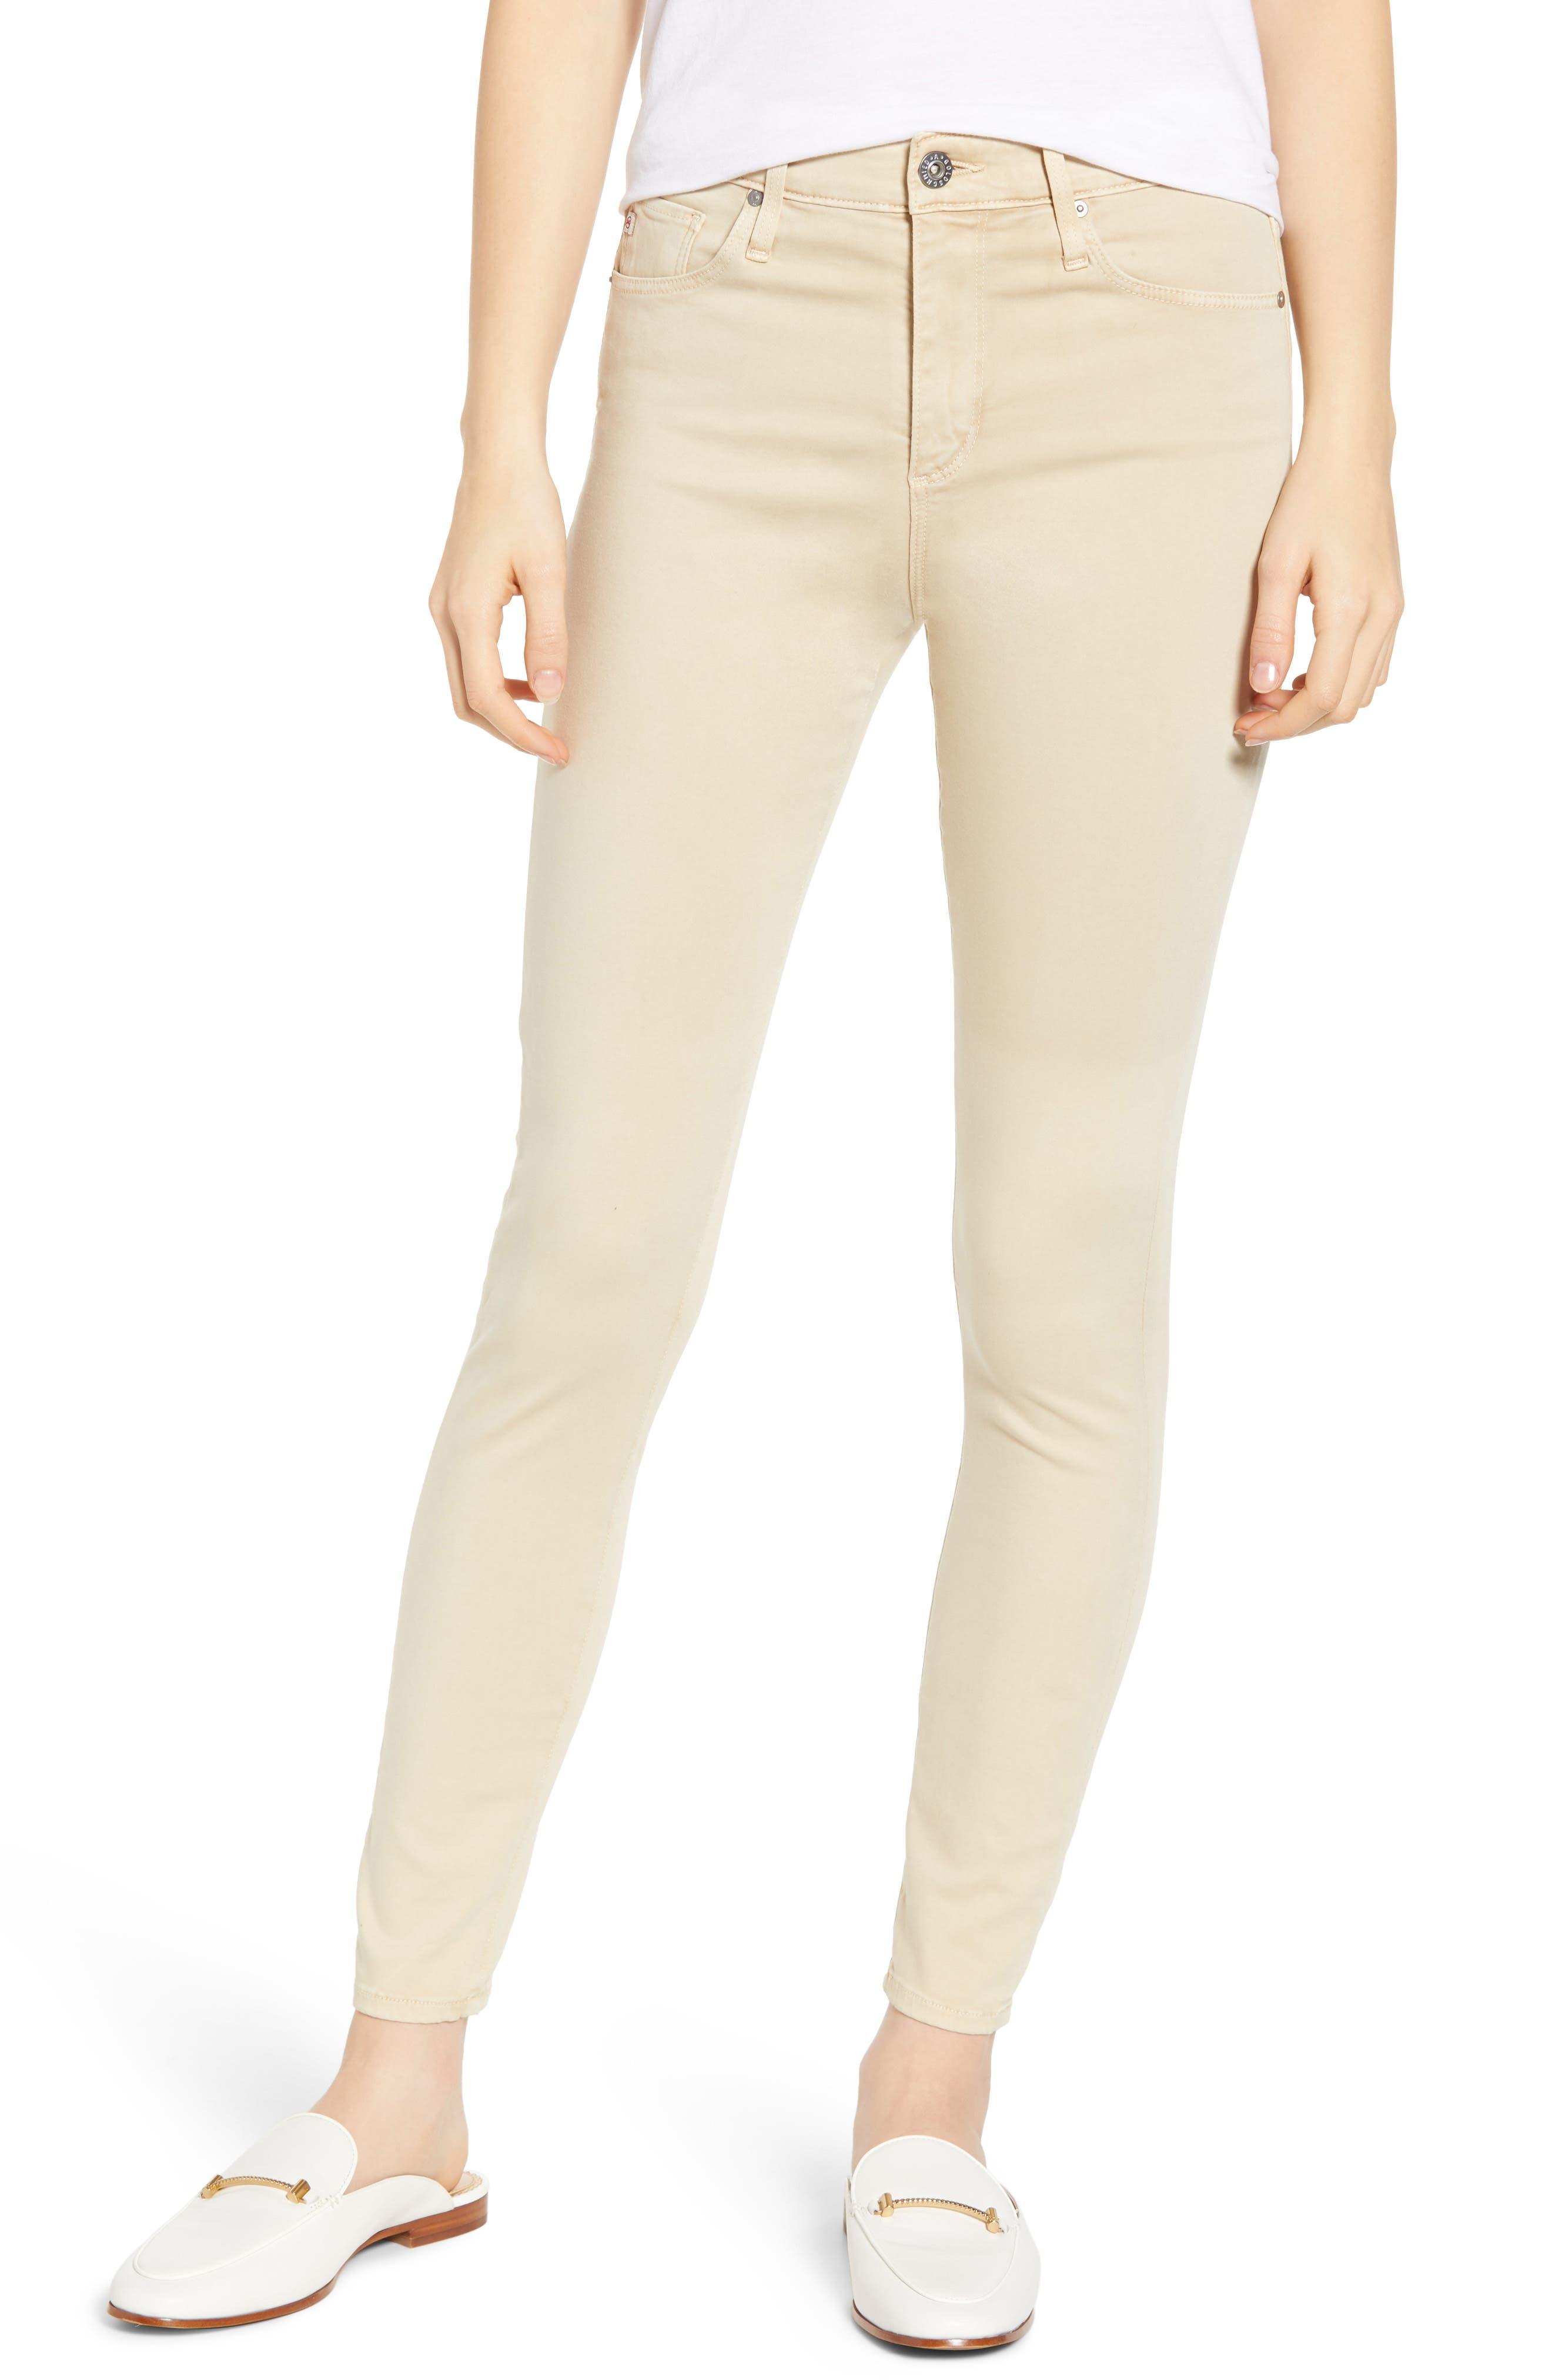 AG, Farrah High Waist Ankle Skinny Jeans, Main thumbnail 1, color, SULFUR FRESH SAND